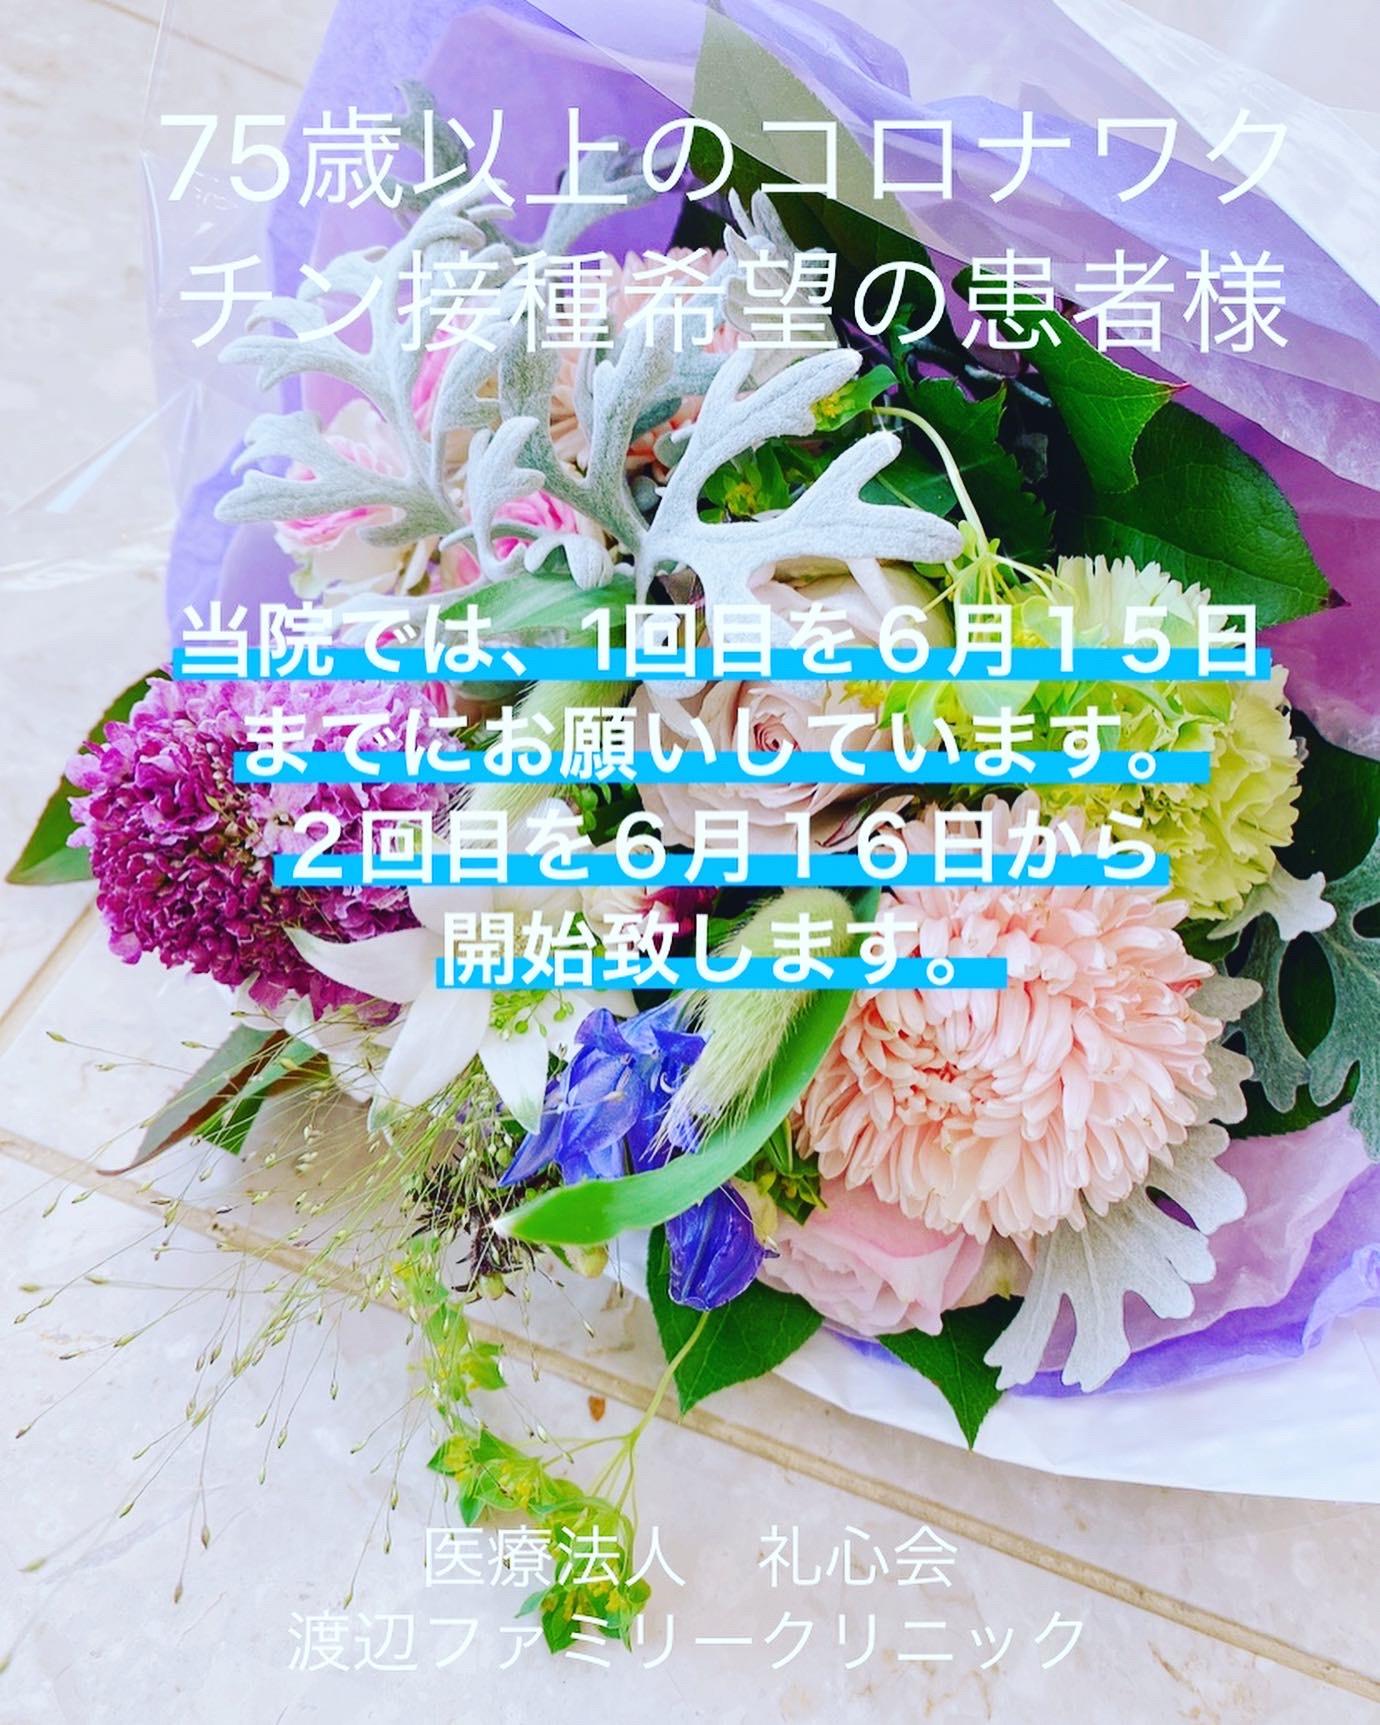 D39D58BF-6745-4BAA-AE52-39C5FF630D7E